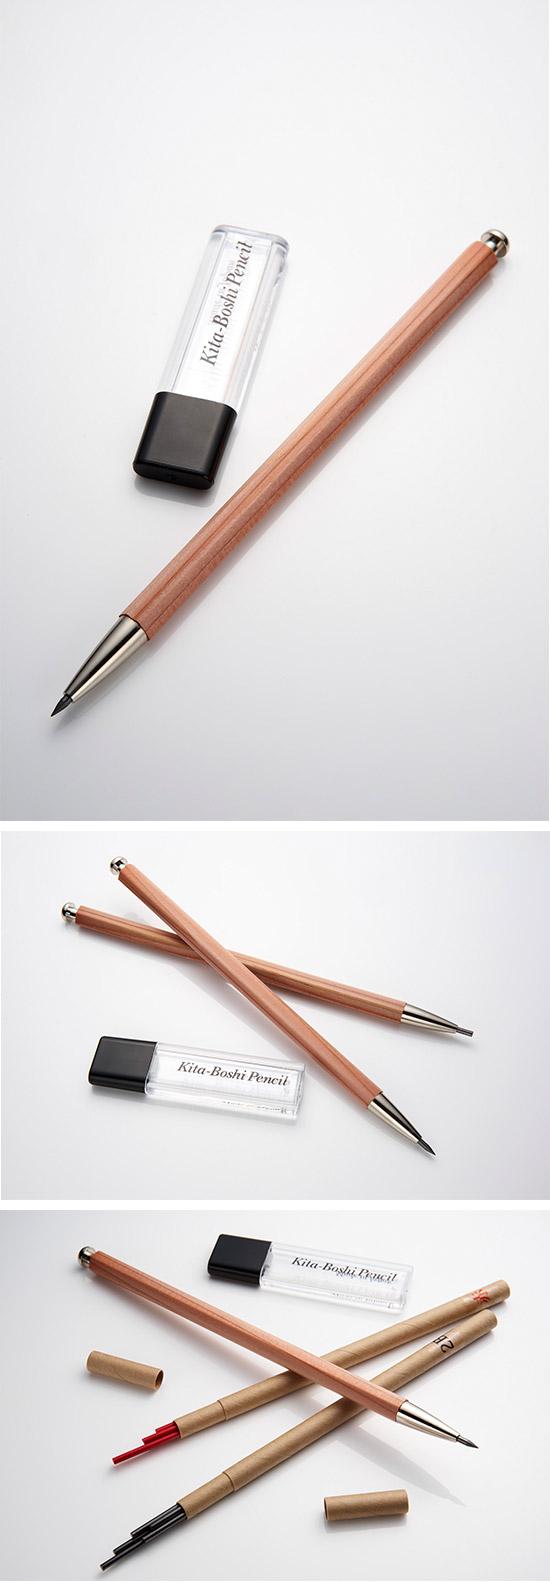 【可雷雕】北星大人鉛筆 附筆芯削 原木組